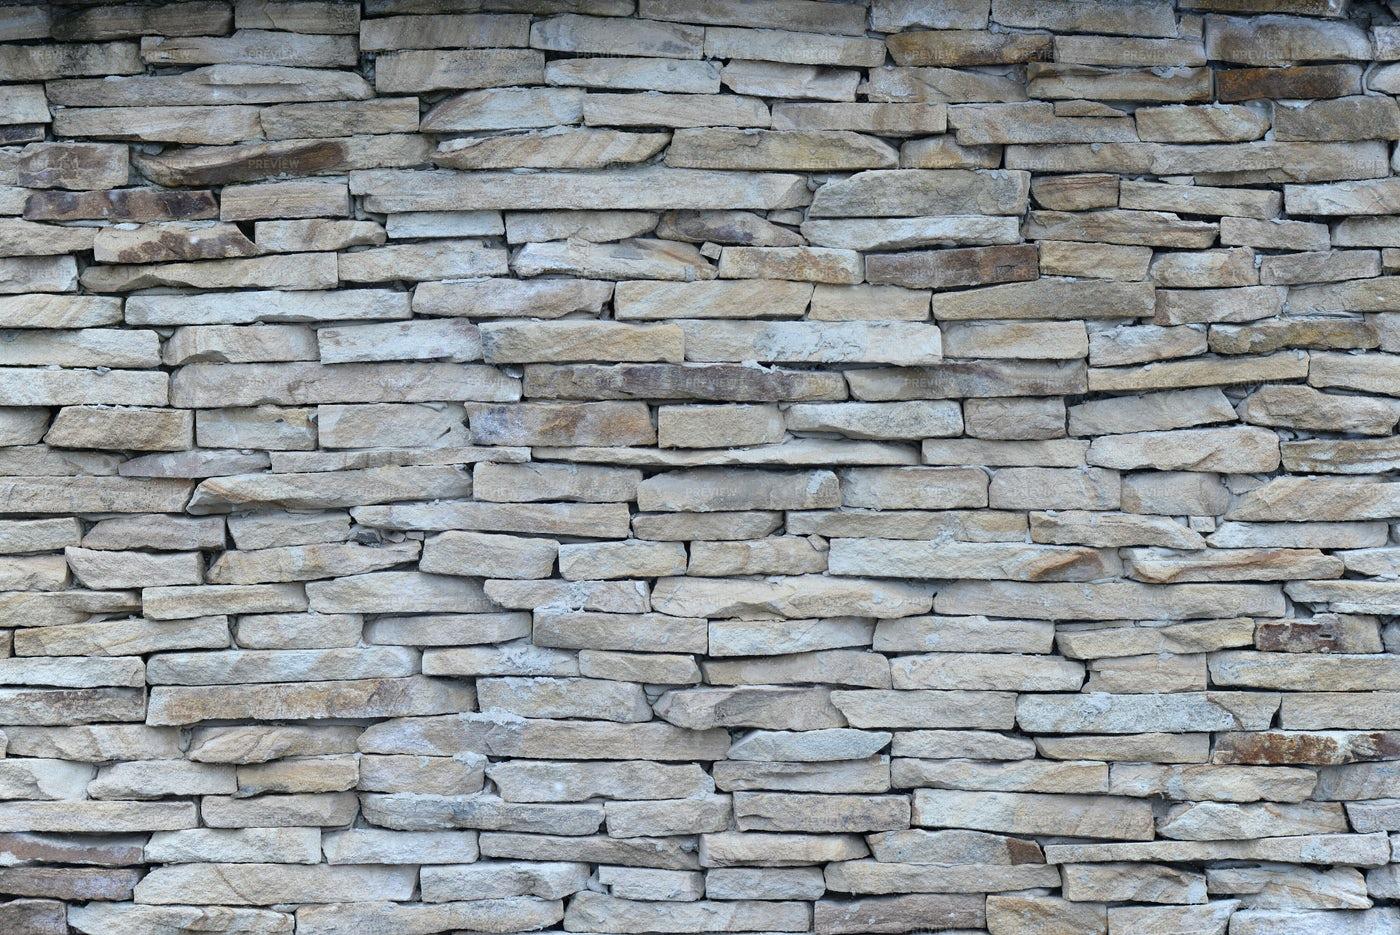 Pieces Of Stones As A Wall: Stock Photos